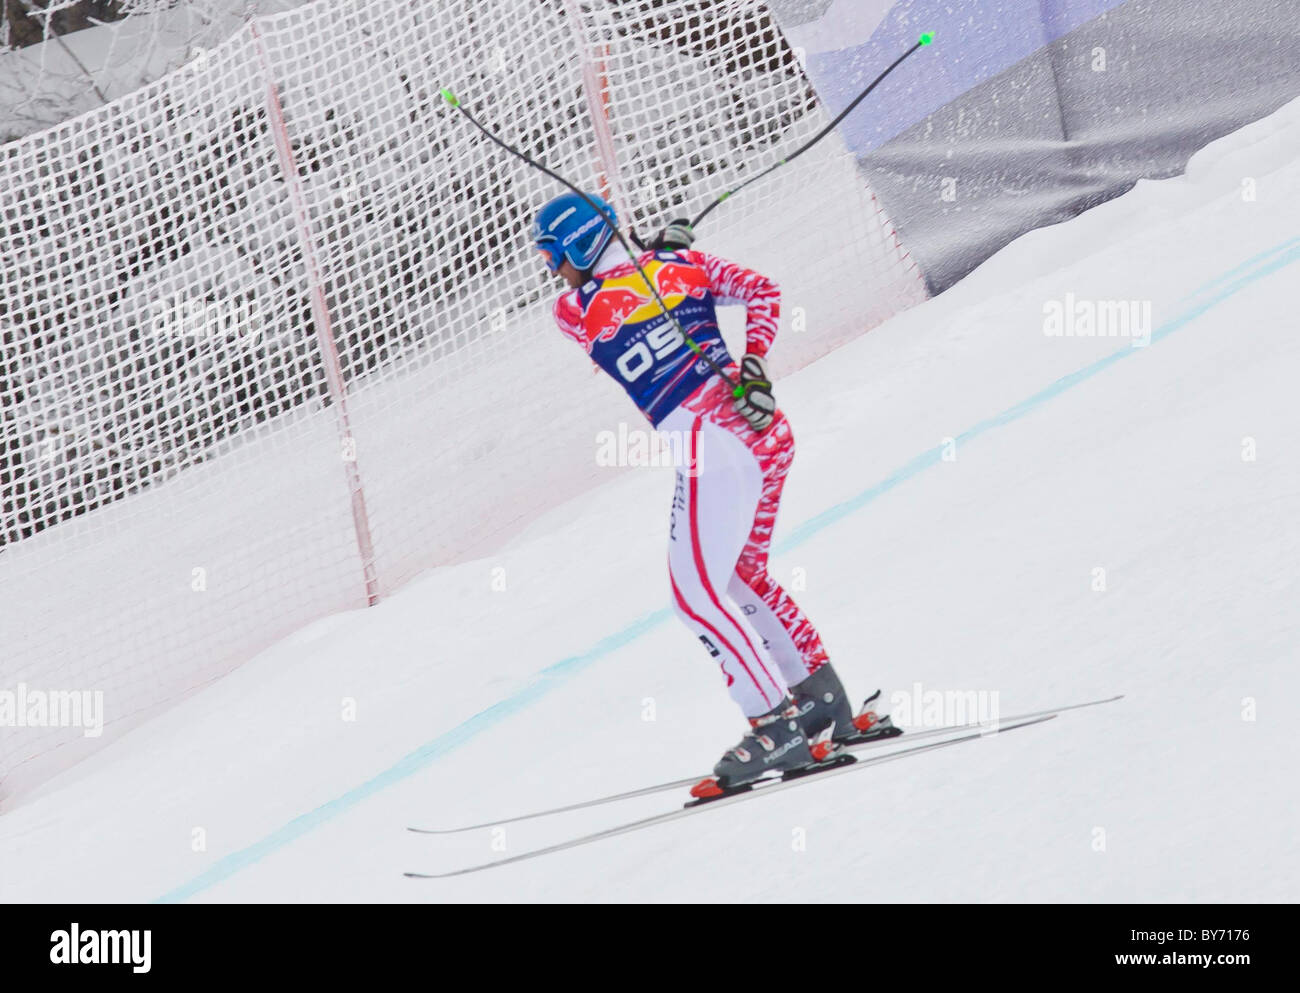 streif ski